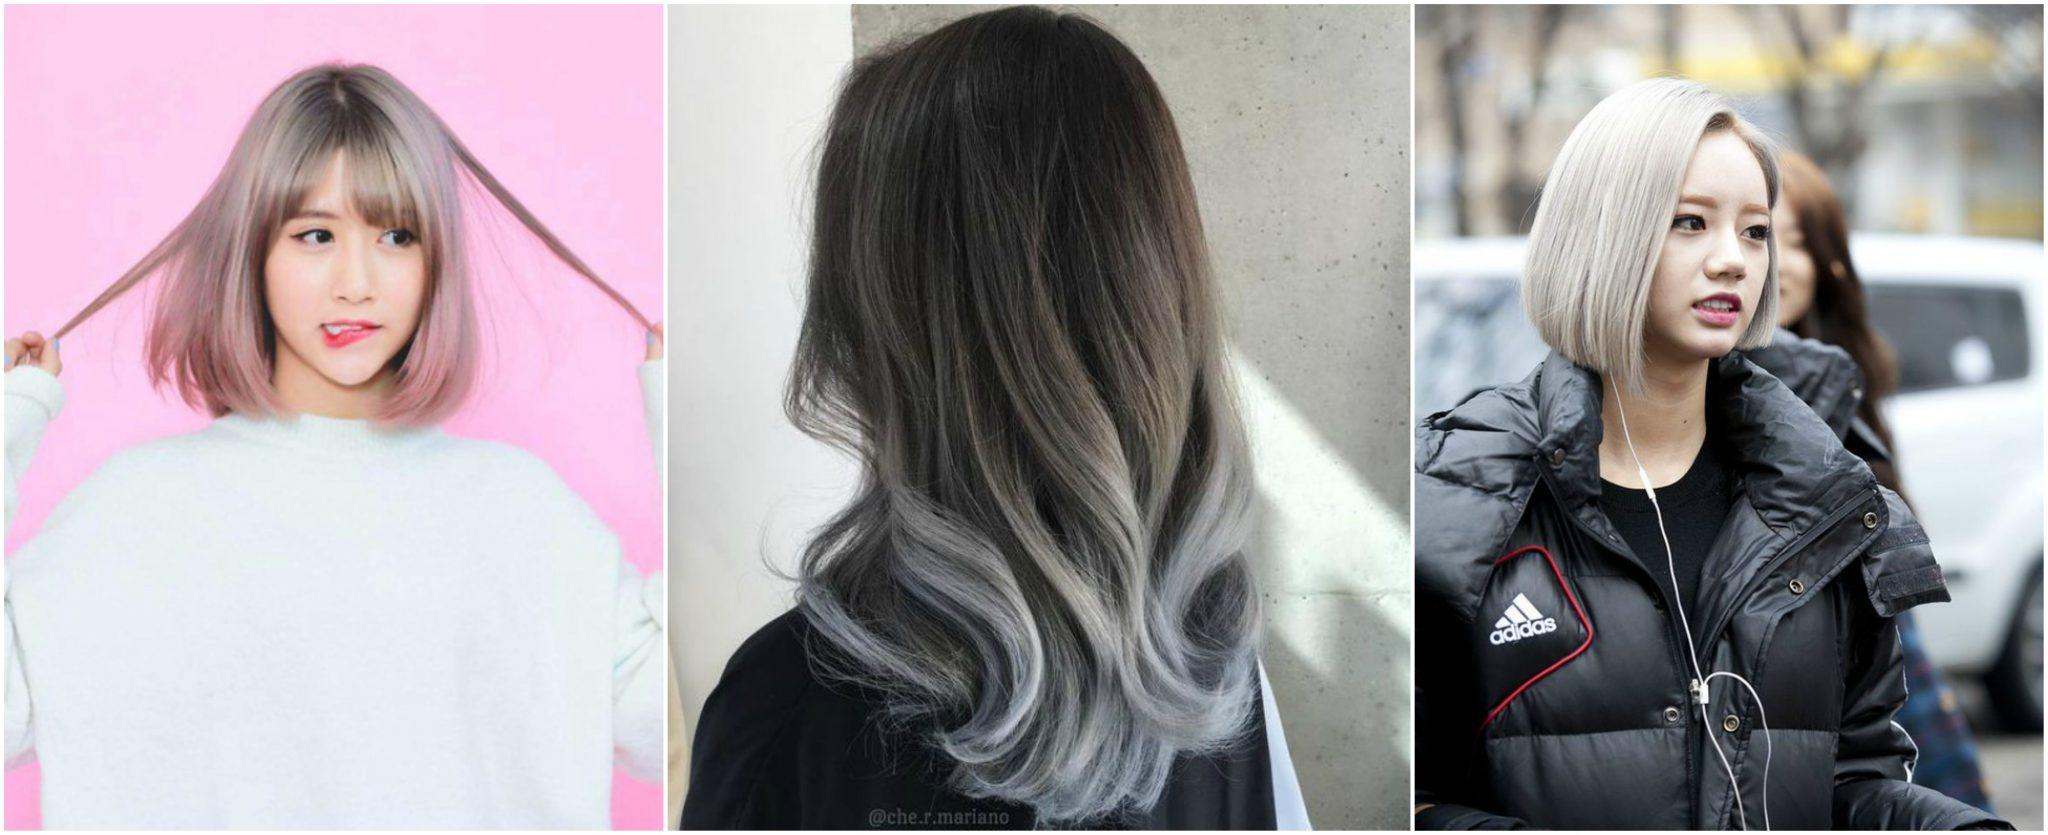 Màu tóc khói đẹp - màu tóc đẹp 2019